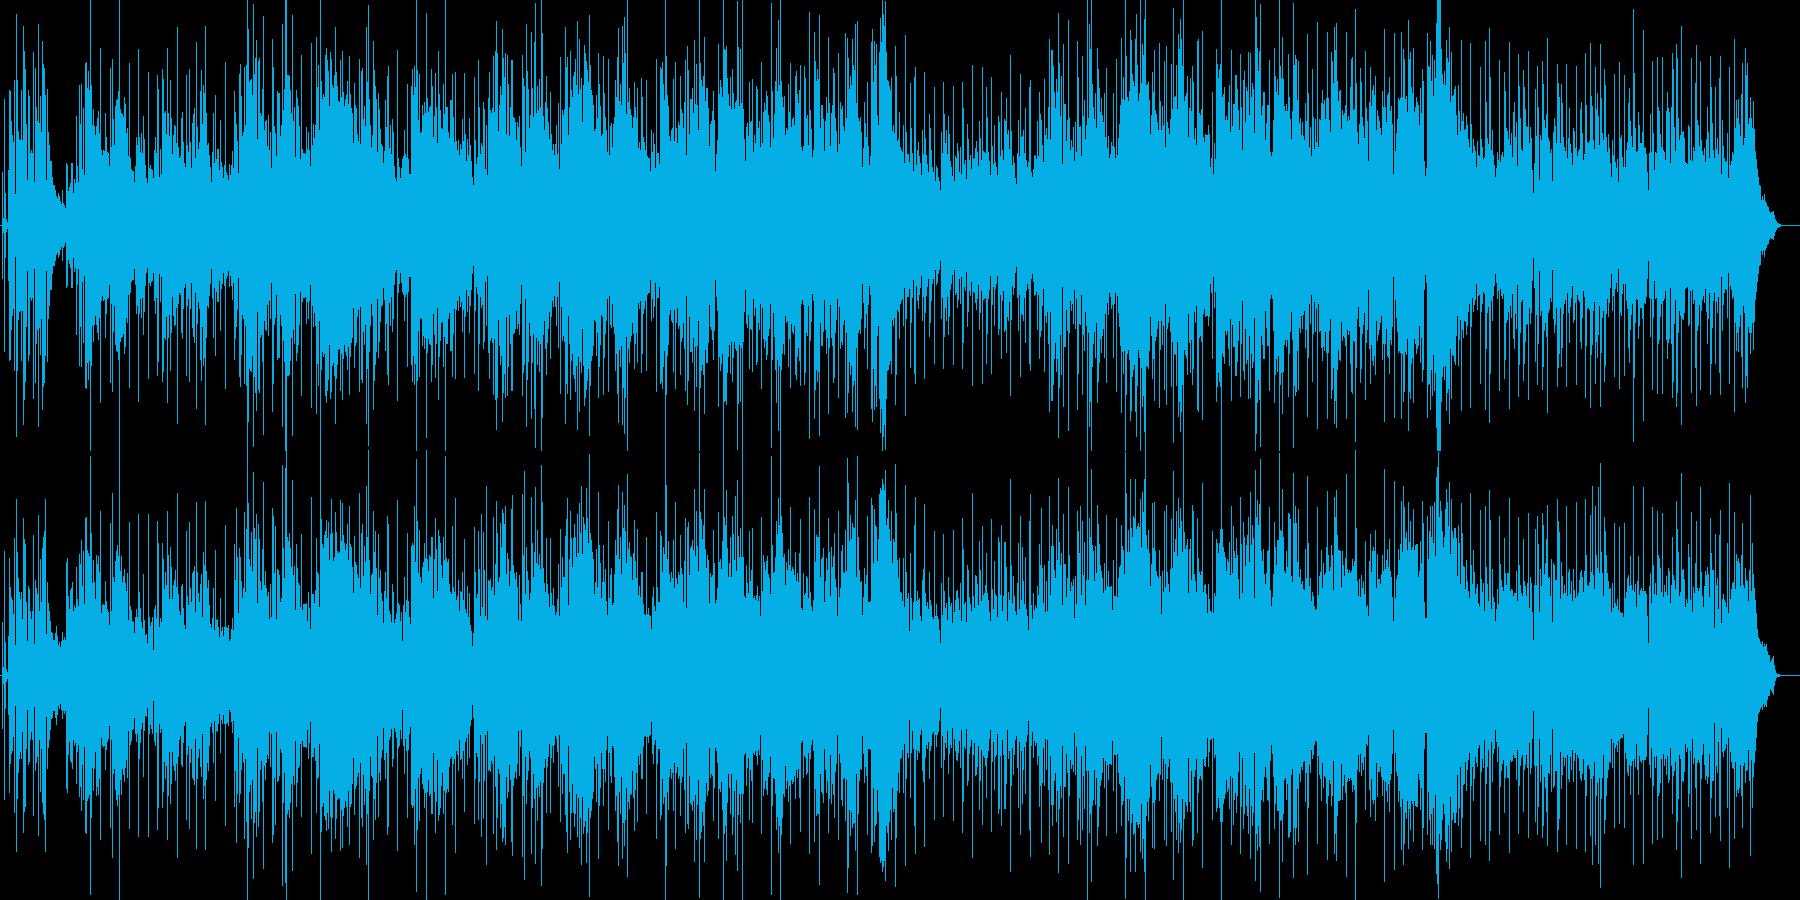 春 70年代ニューミュージック 回想の再生済みの波形